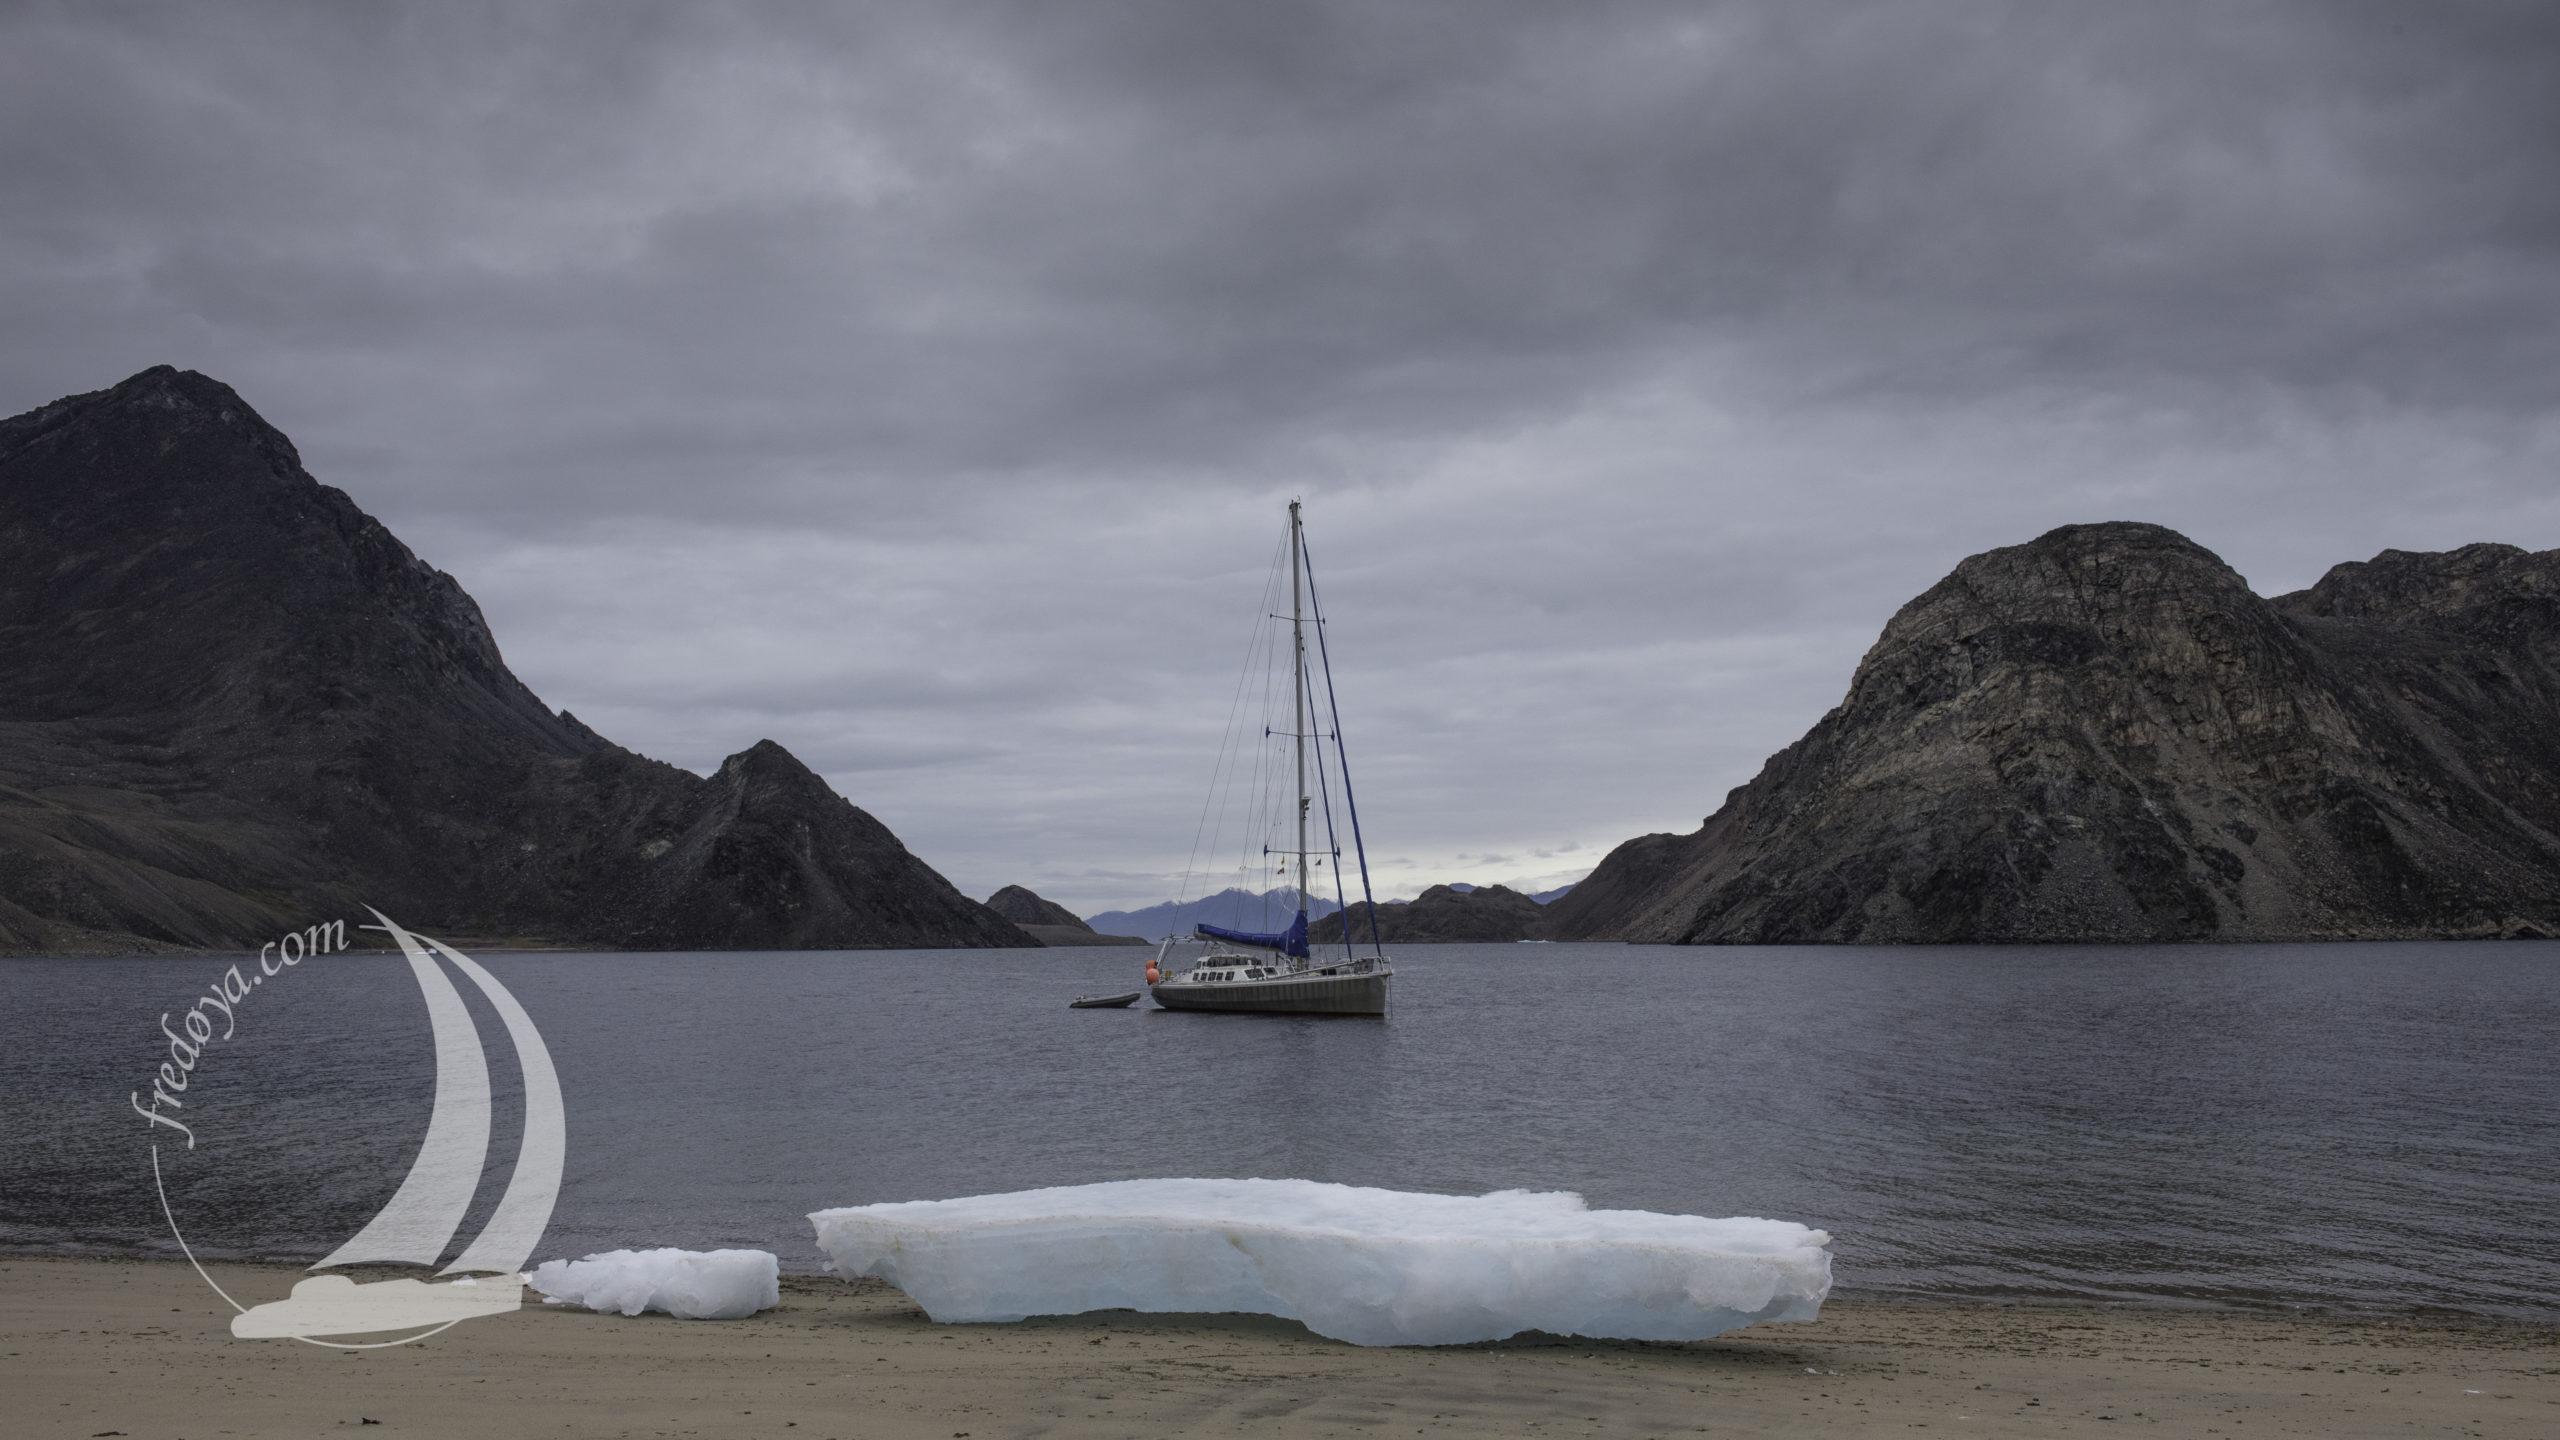 Canada, Baffin island Aout 2018